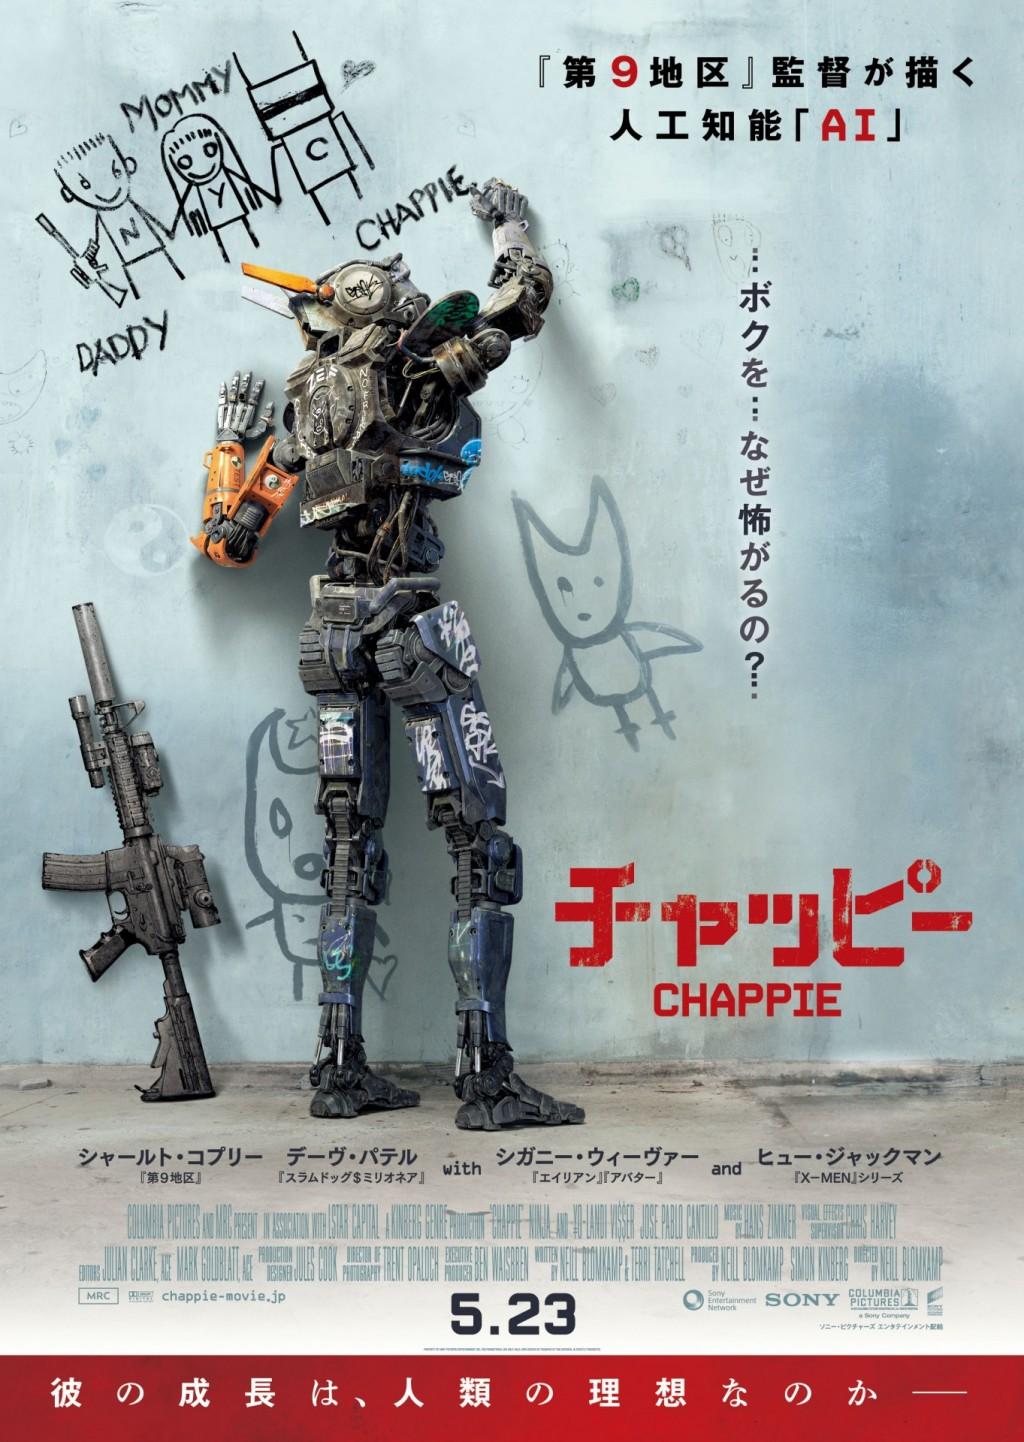 映画『チャッピー』:ポスタービジュアル(FIX)